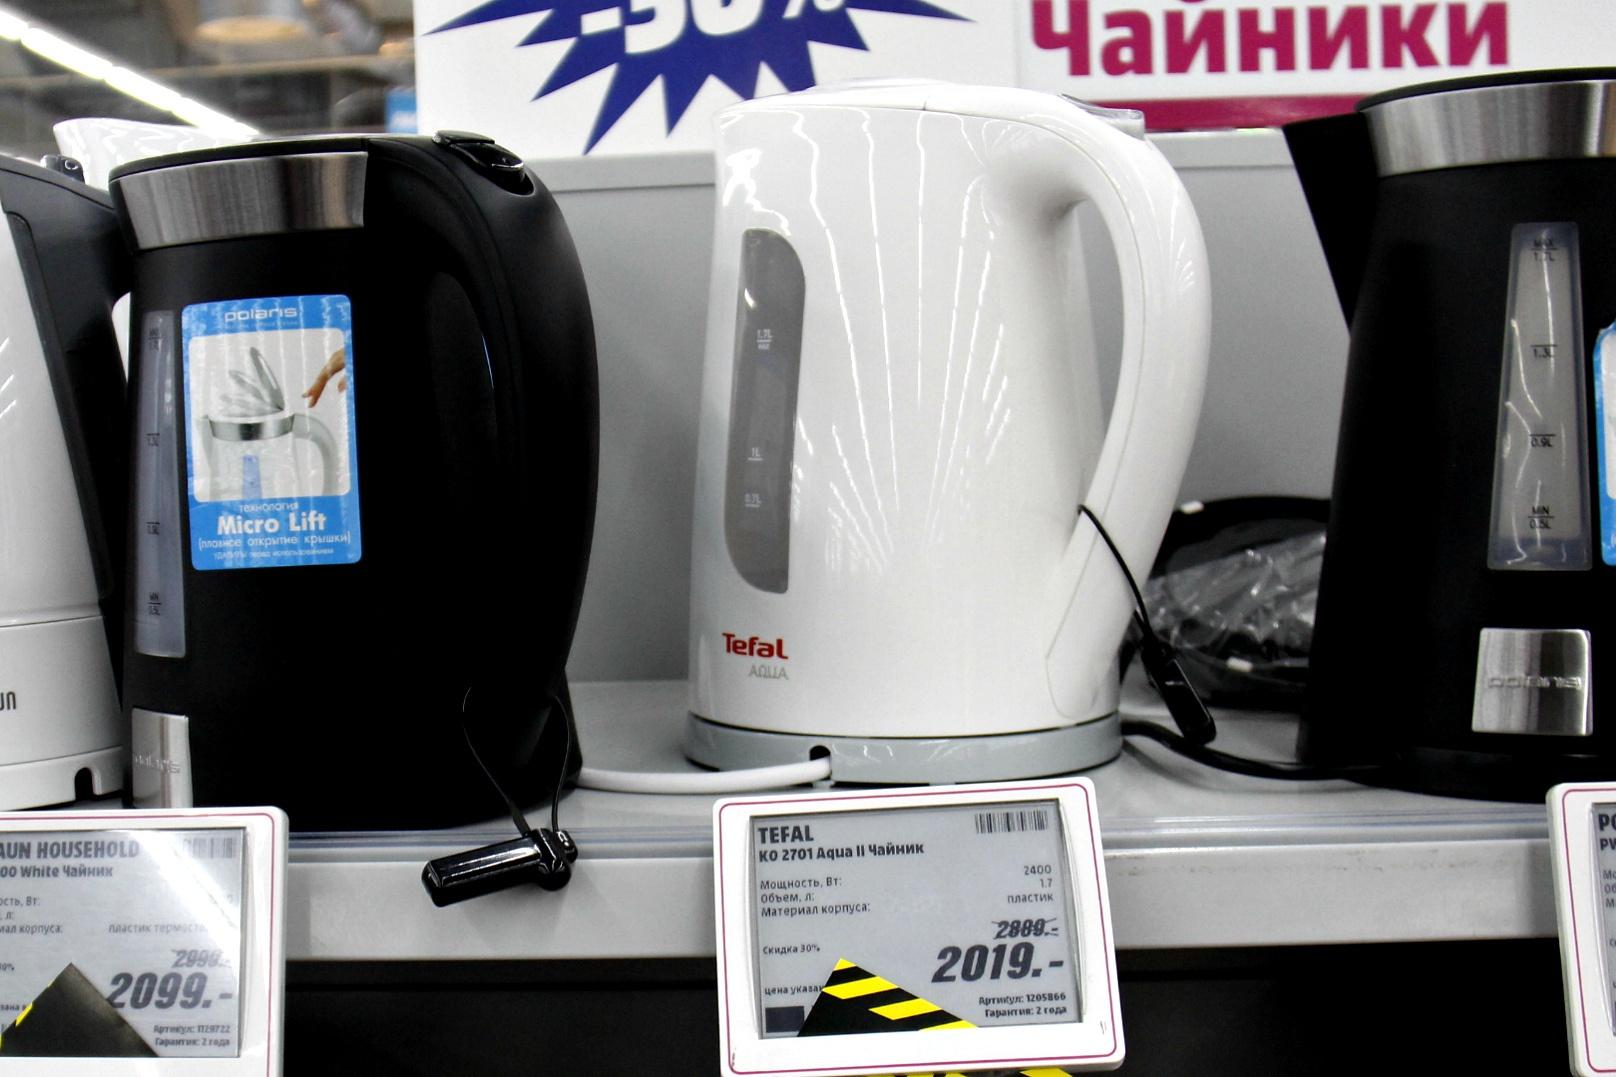 Точно такой же чайник (белый в центре) можно купить выгодней и в других магазинах